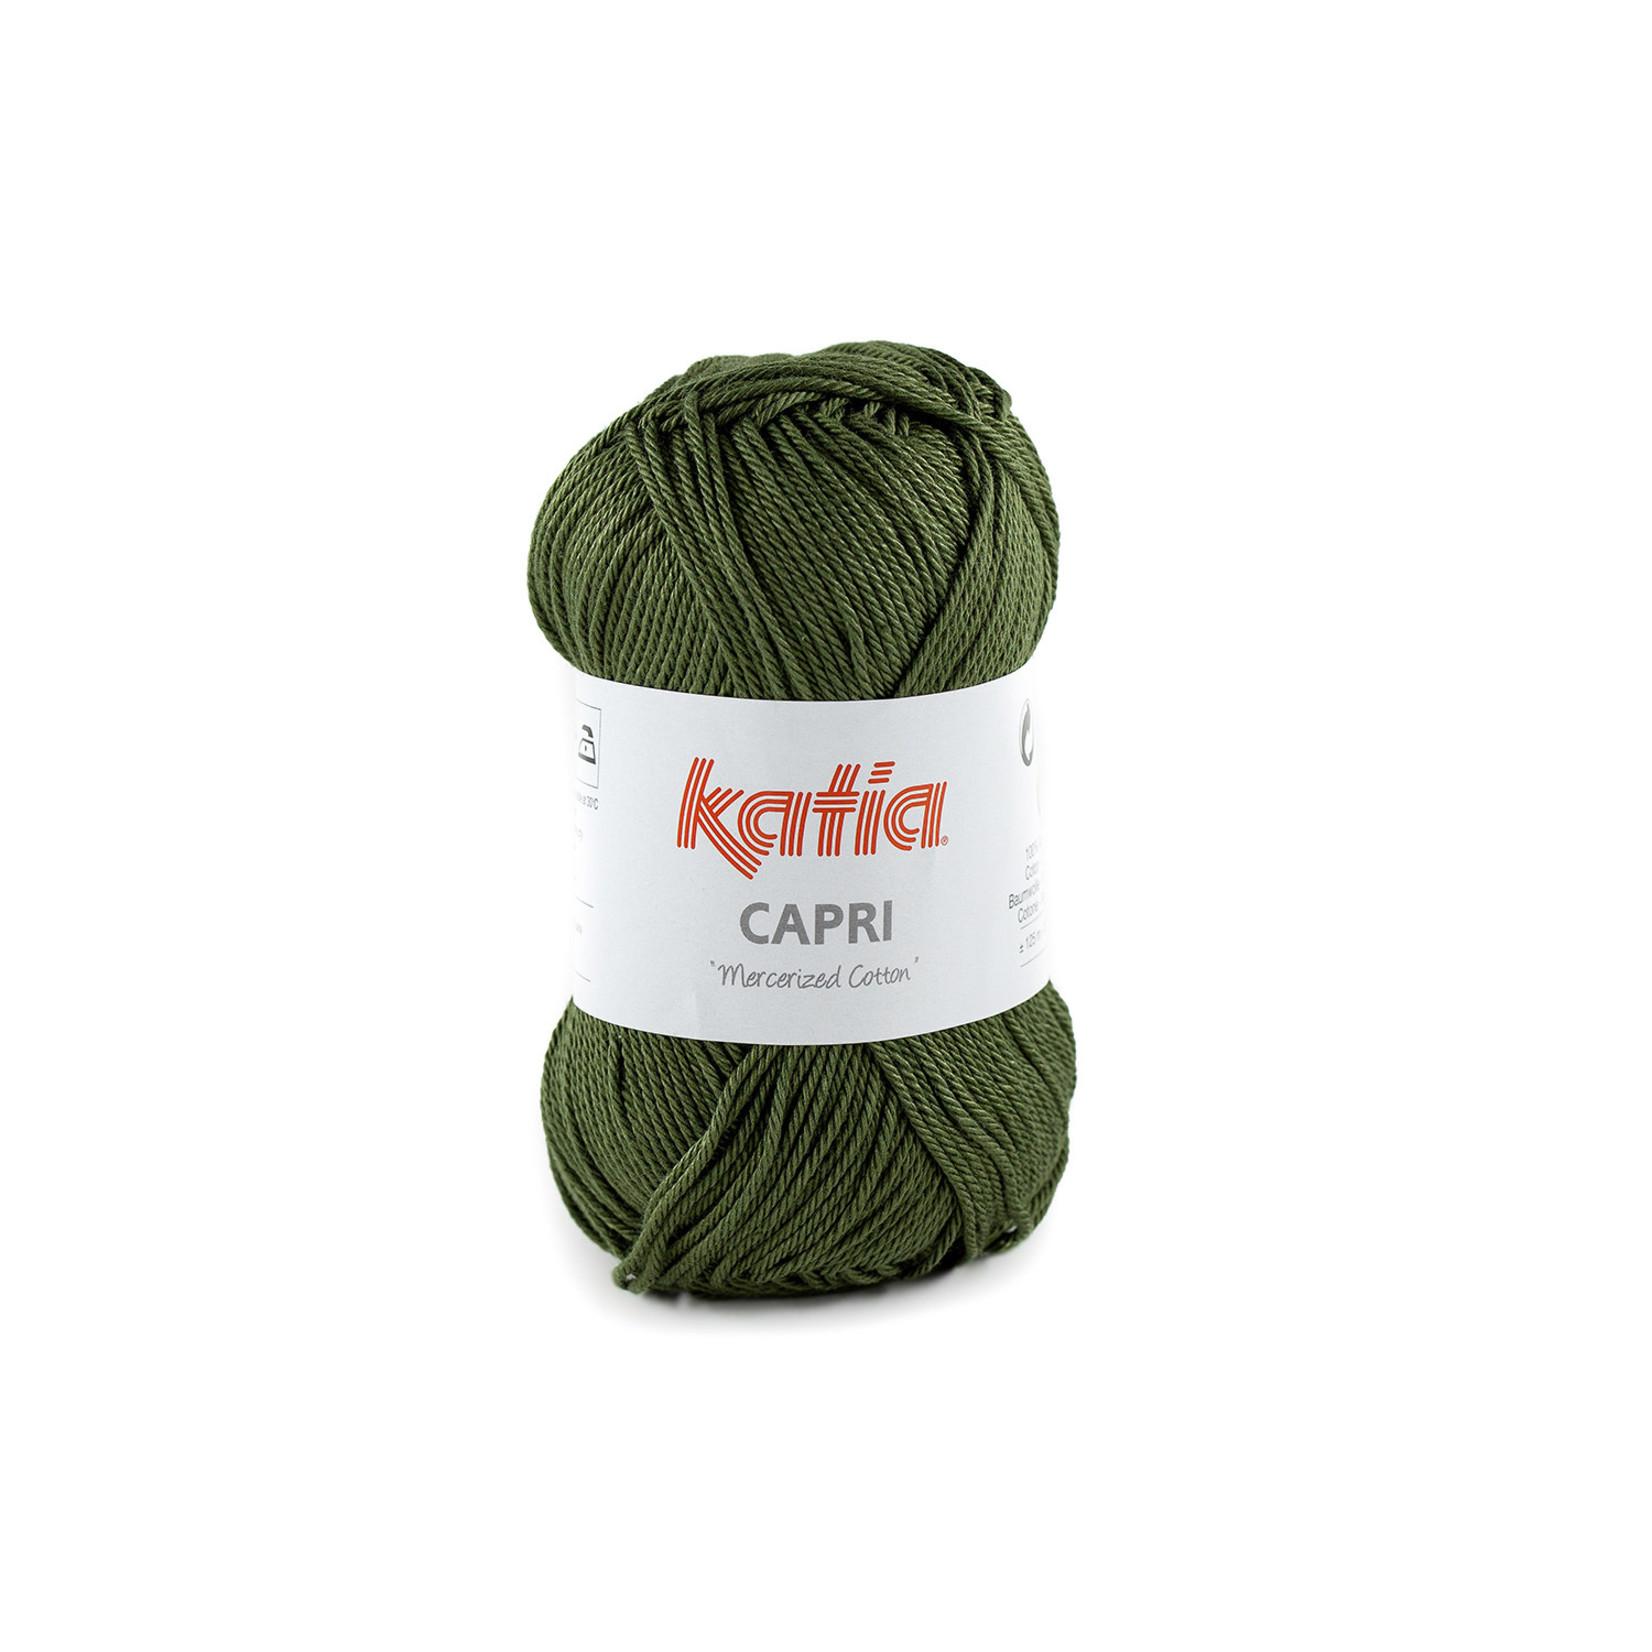 Katia Katia Capri - kleur 175 Olijfgroen - 50 gr. = 125 m. - 100% katoen